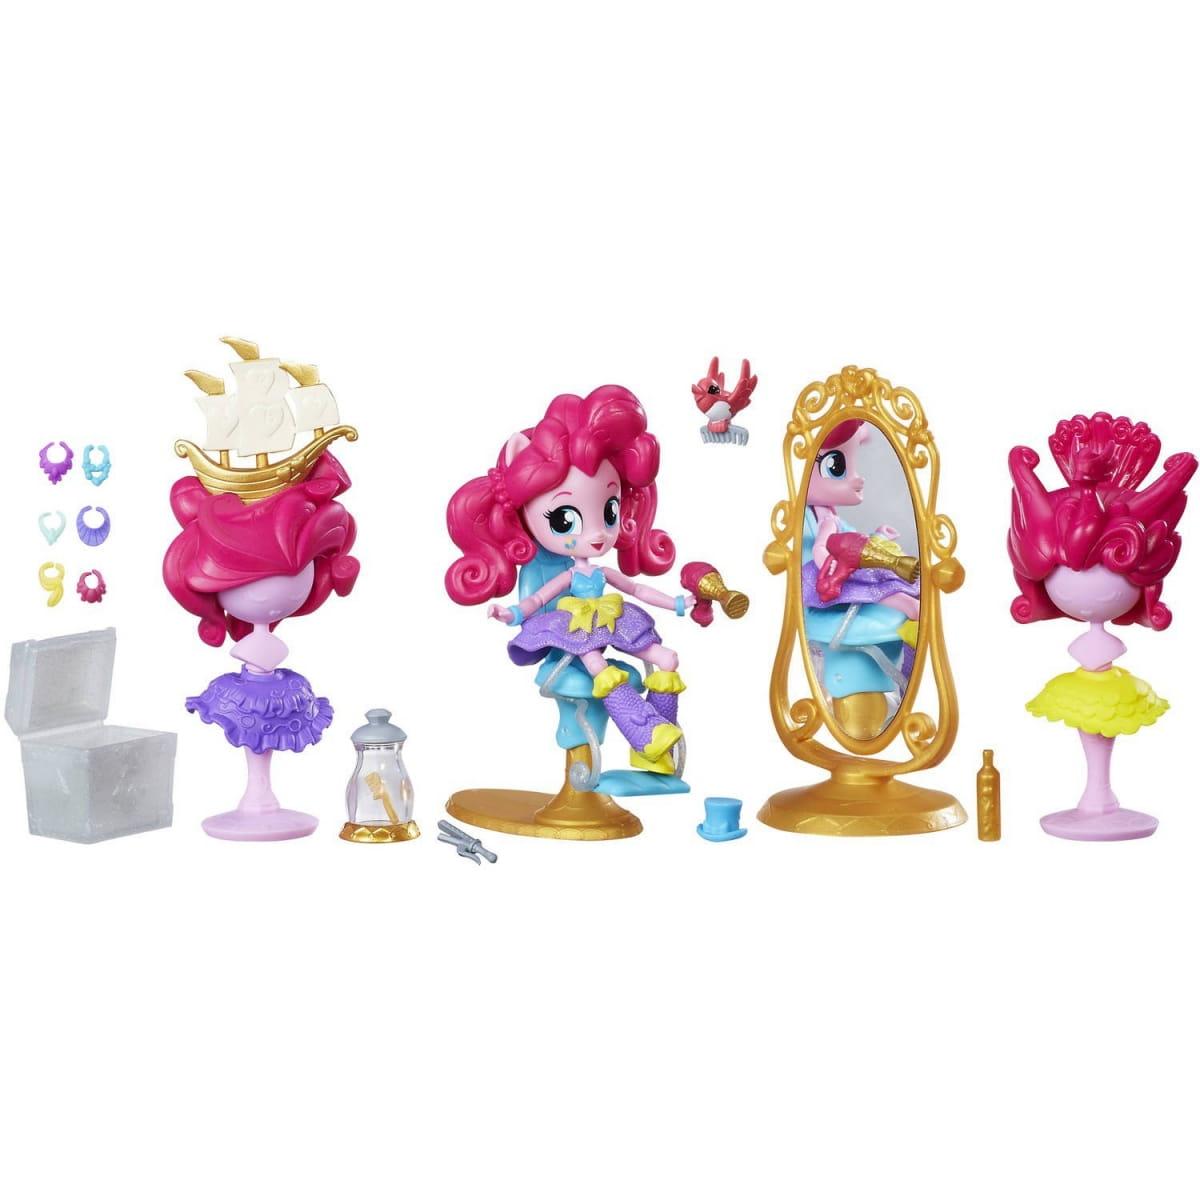 Игровой набор с мини-куклой My Little Pony Equestria Girls Пижамная вечеринка  Салон красоты Пинки Пай (HASBRO) - My Little Pony